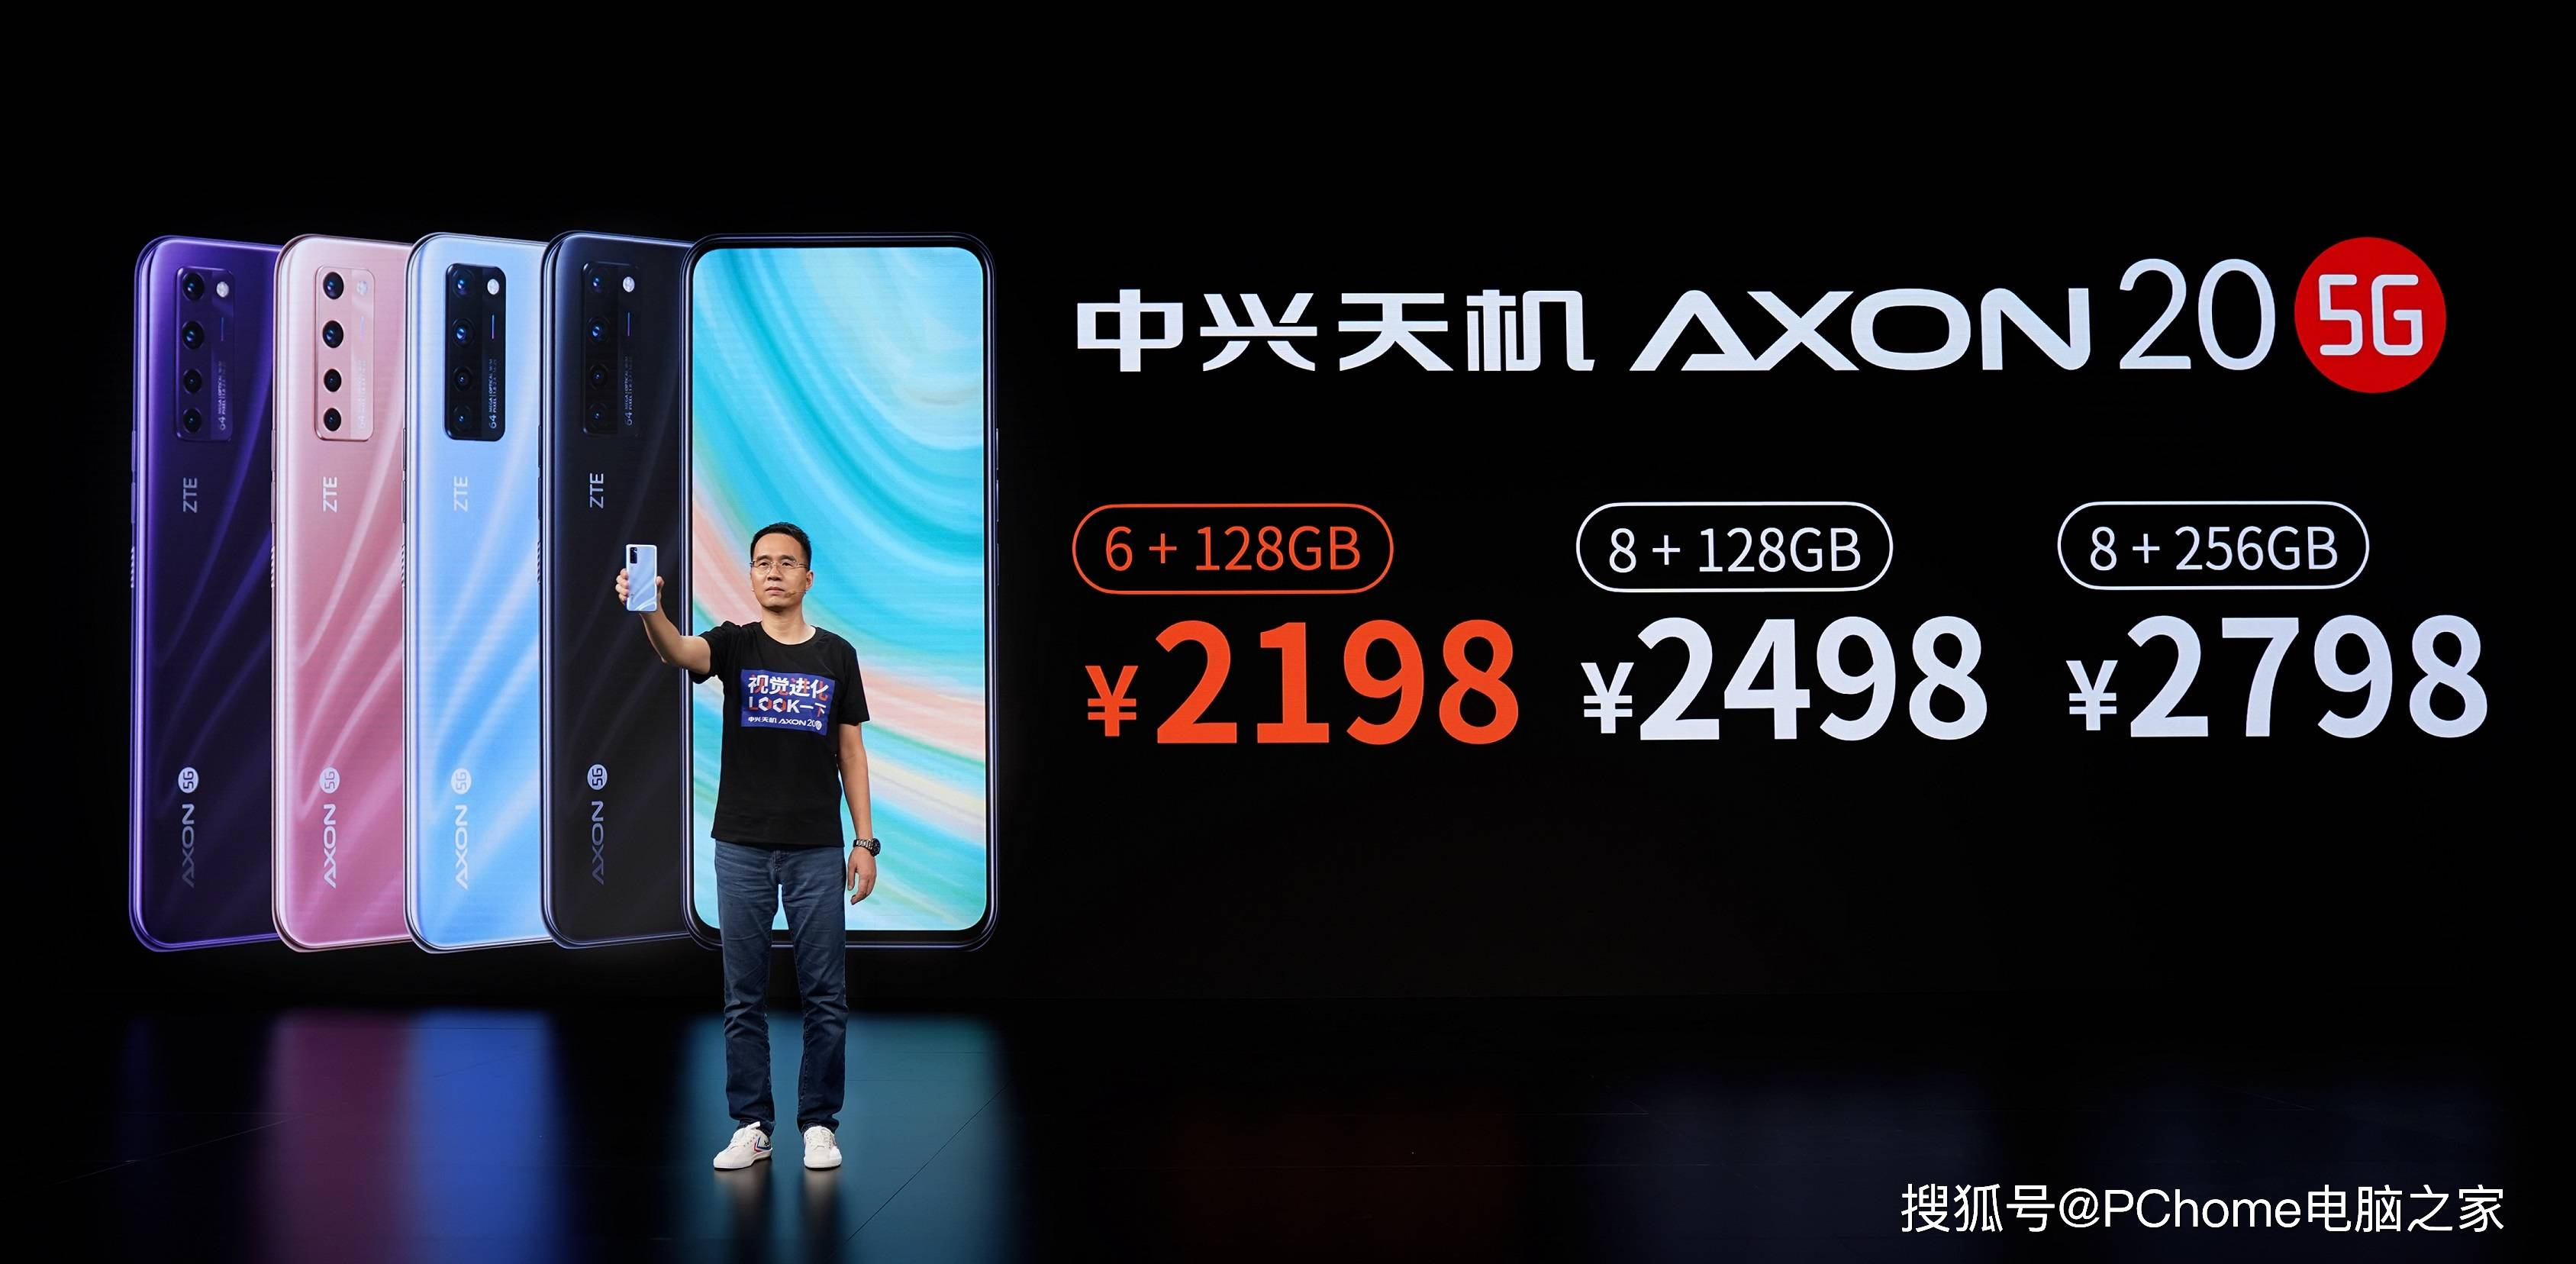 中兴天机Axon 20 5G正式发布 屏下摄像手机首秀